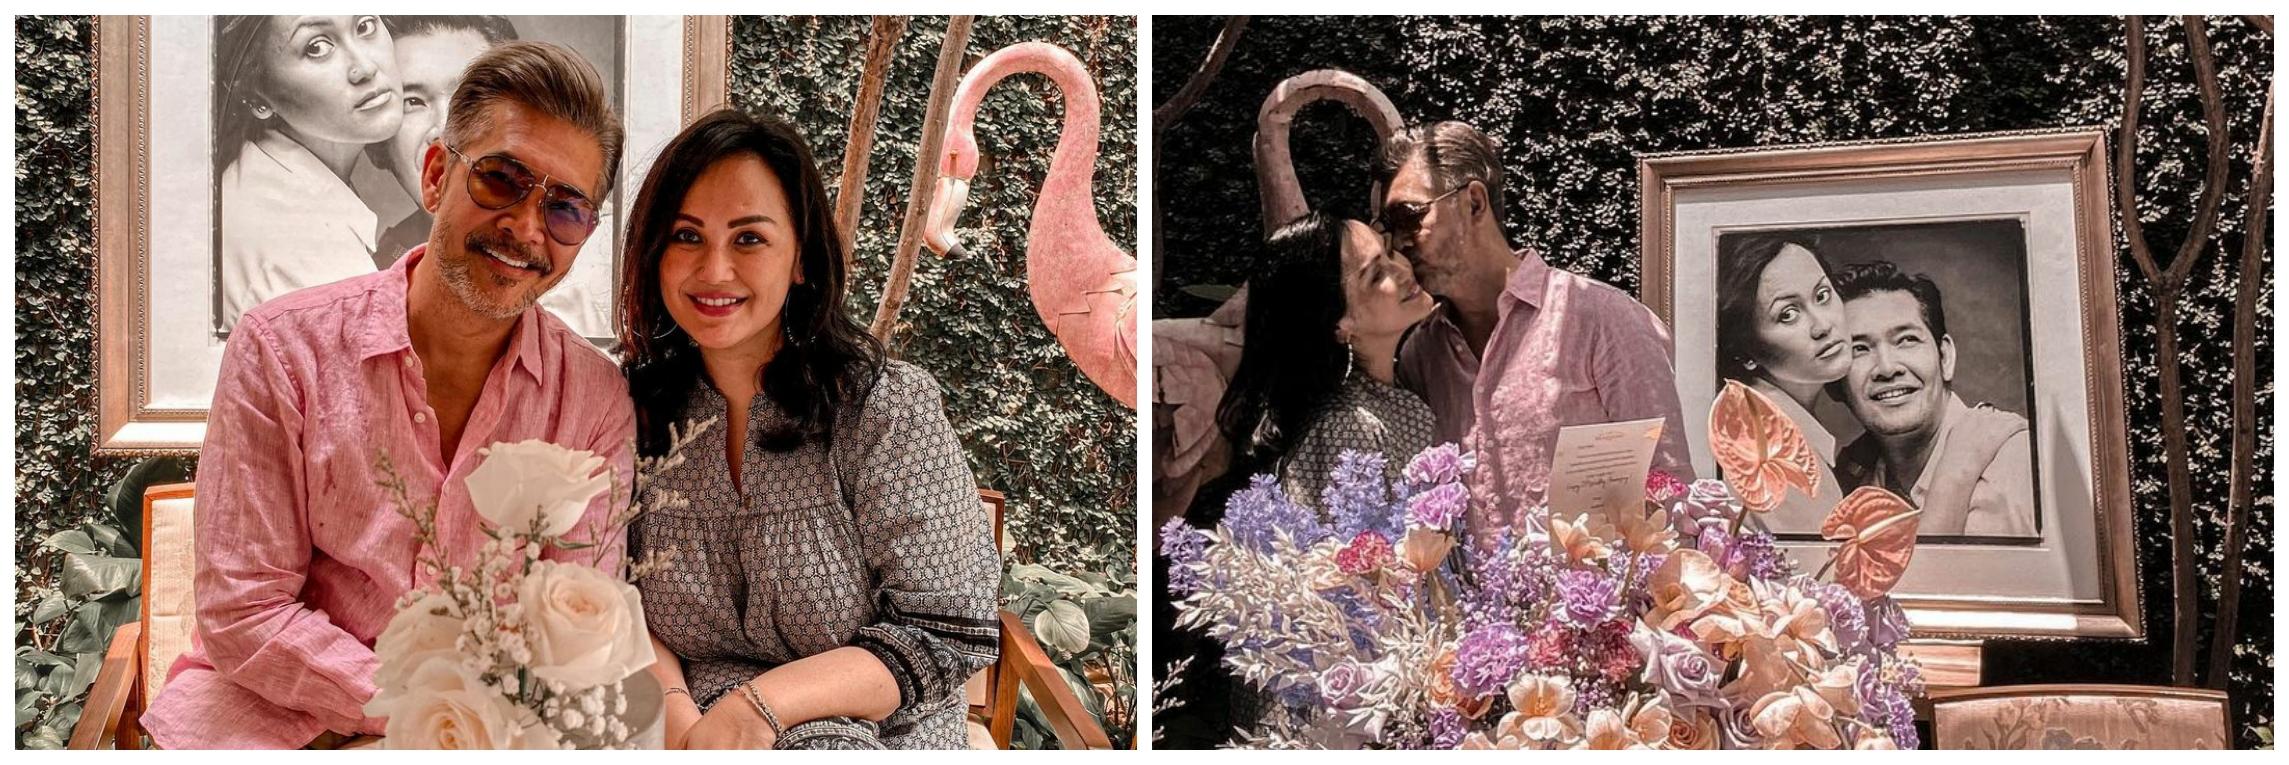 10 Potret Ferry Salim dan istri rayakan anniversary pernikahan ke-25